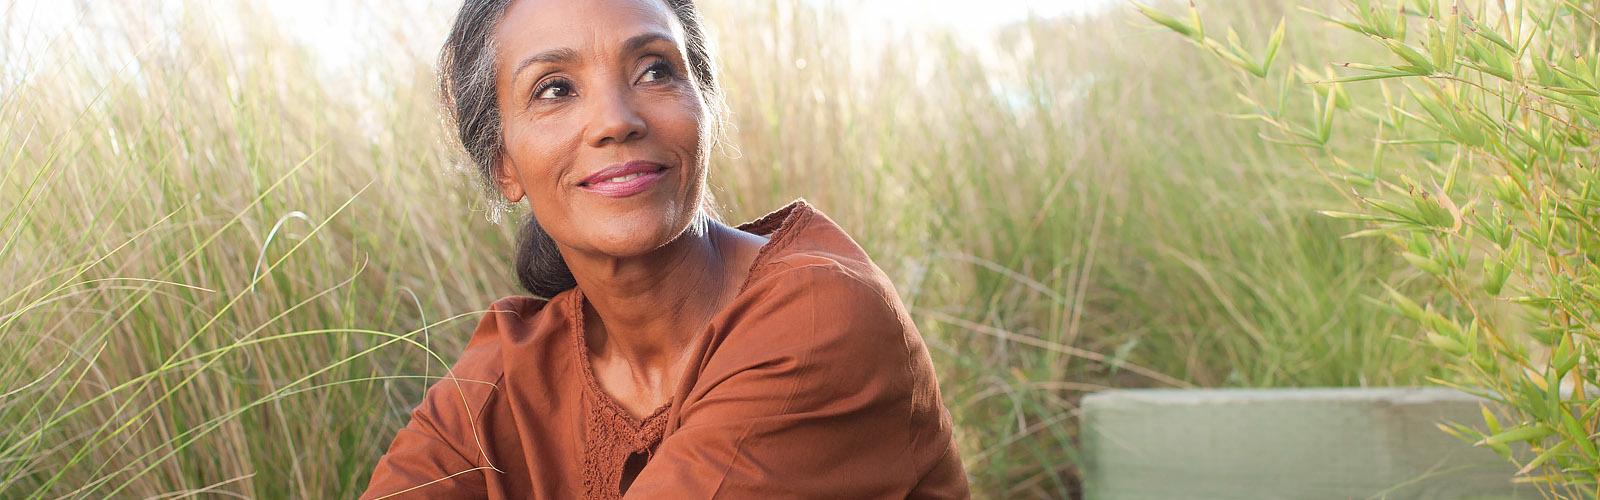 Spokojna starija žena sedi na sunčanom polju okružena visokom travom